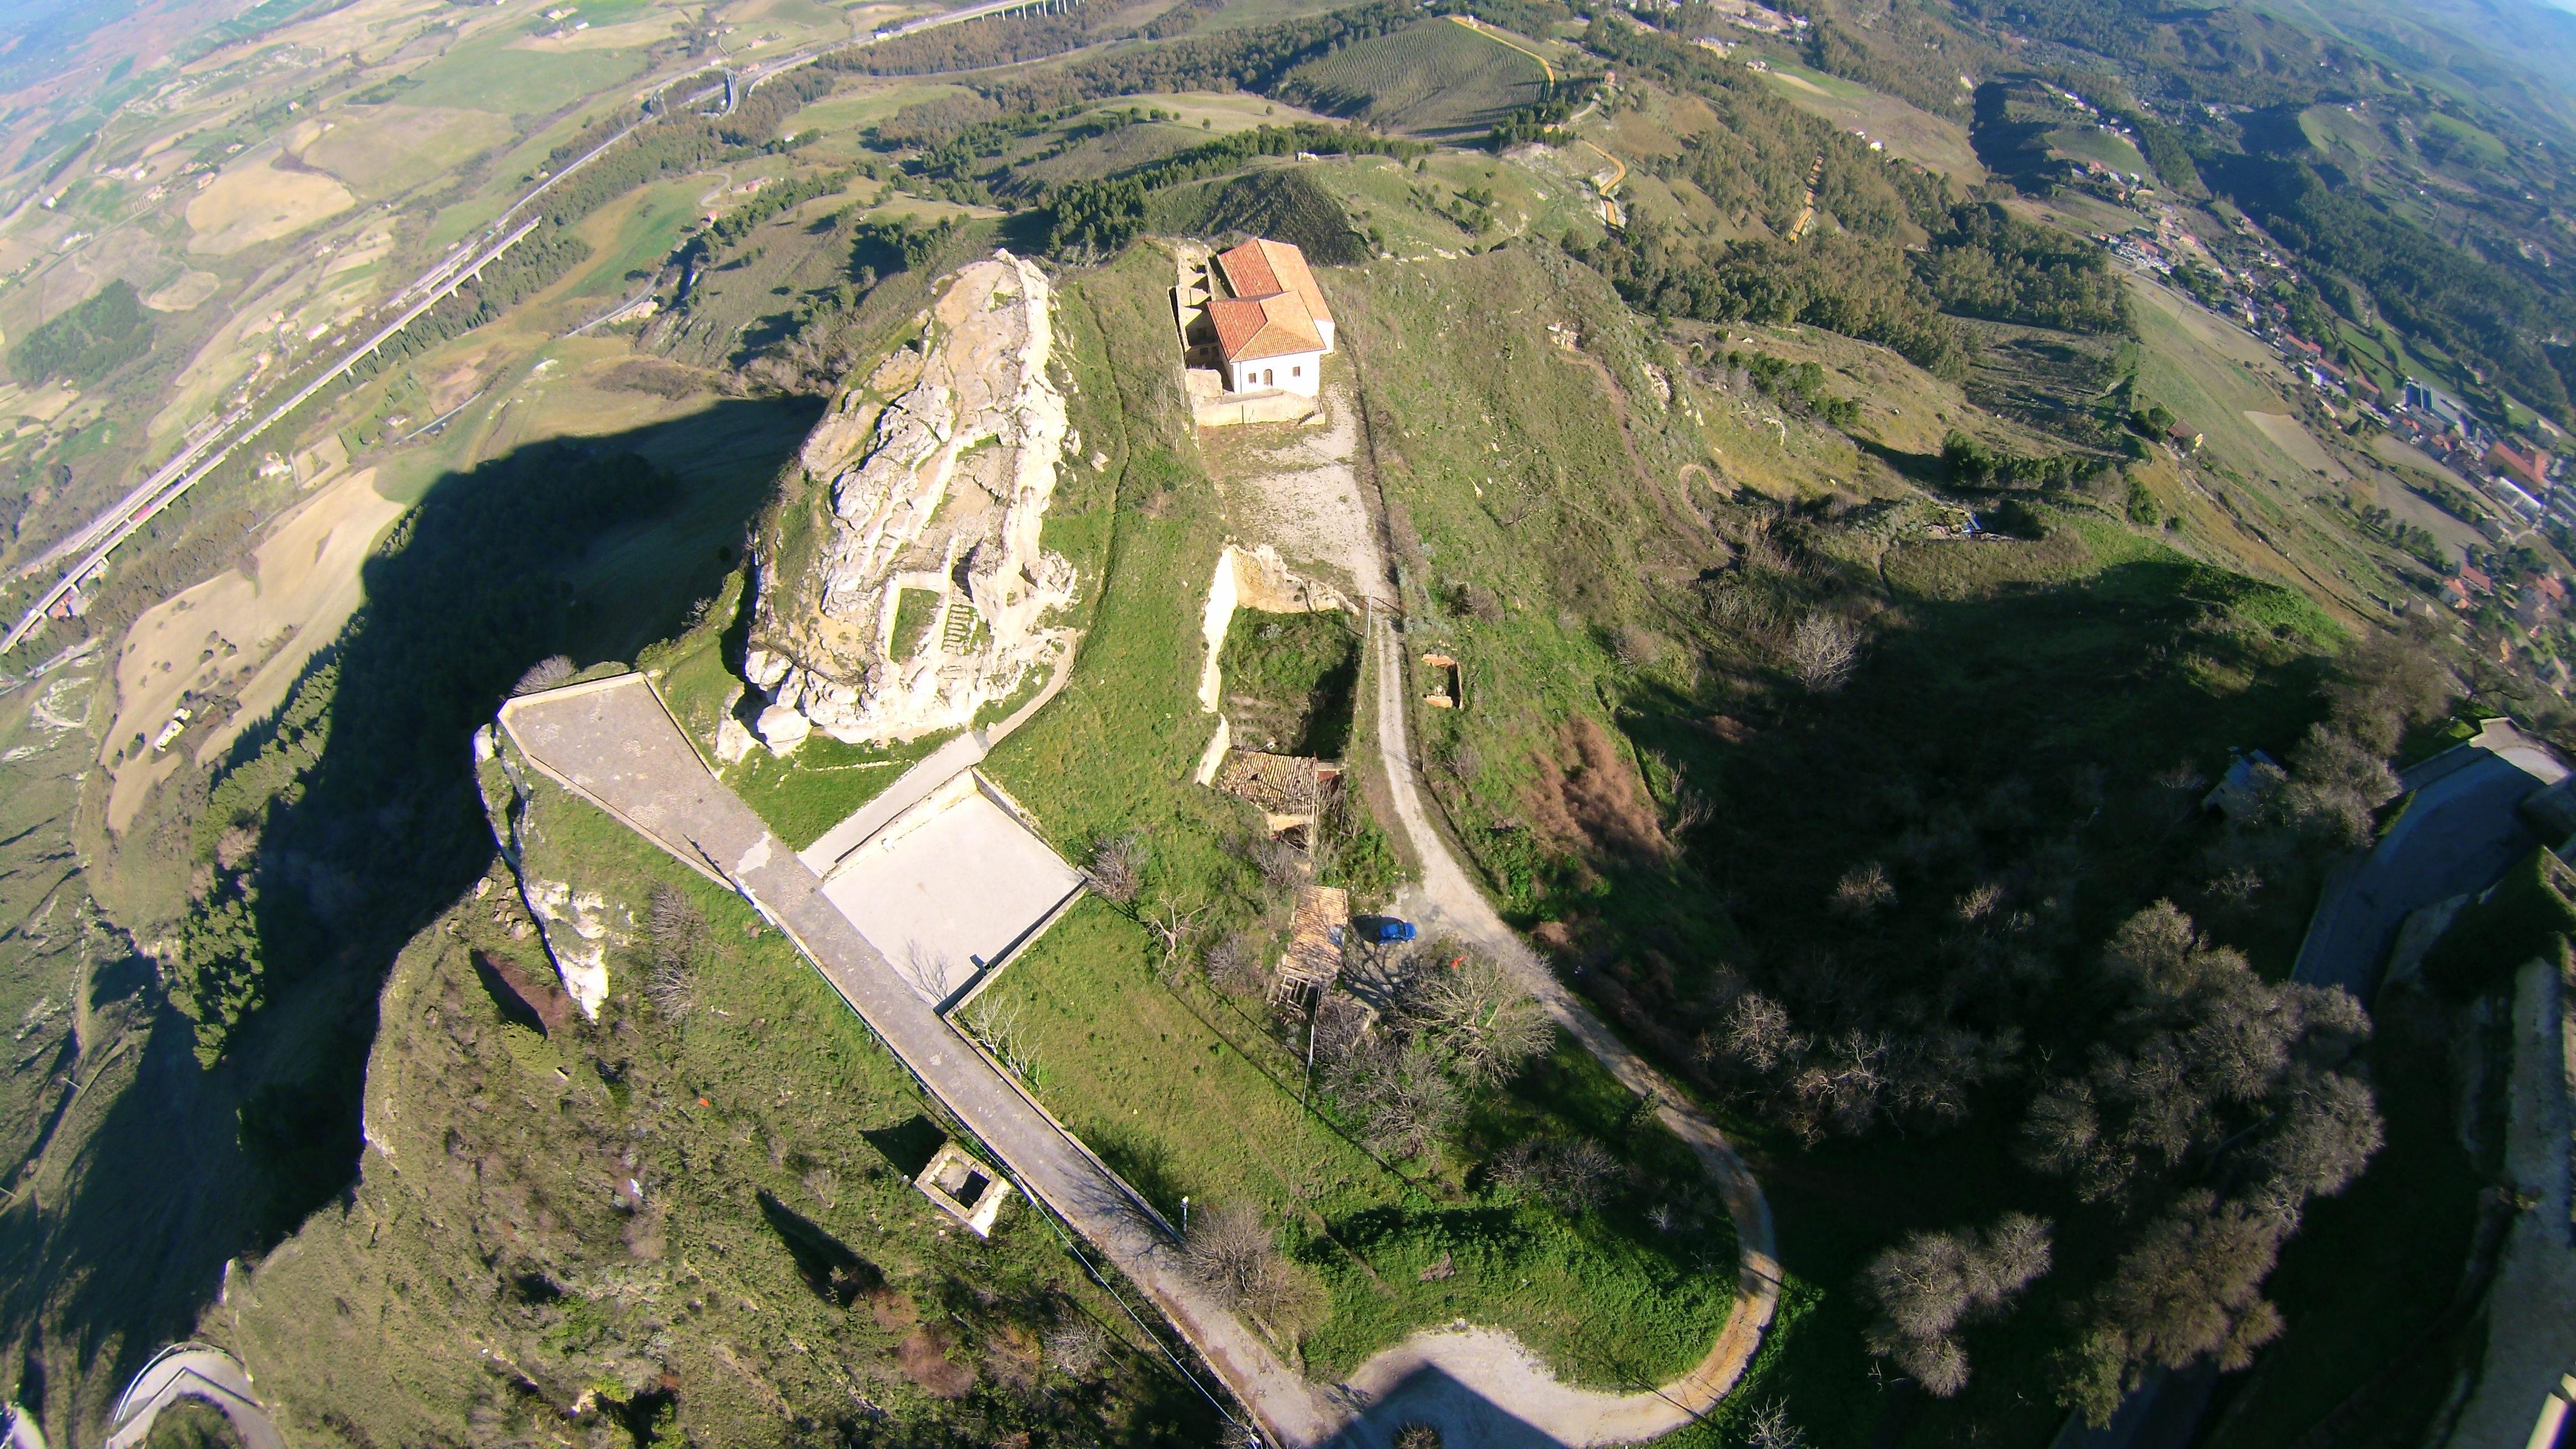 Enna-Rocca di Cerere